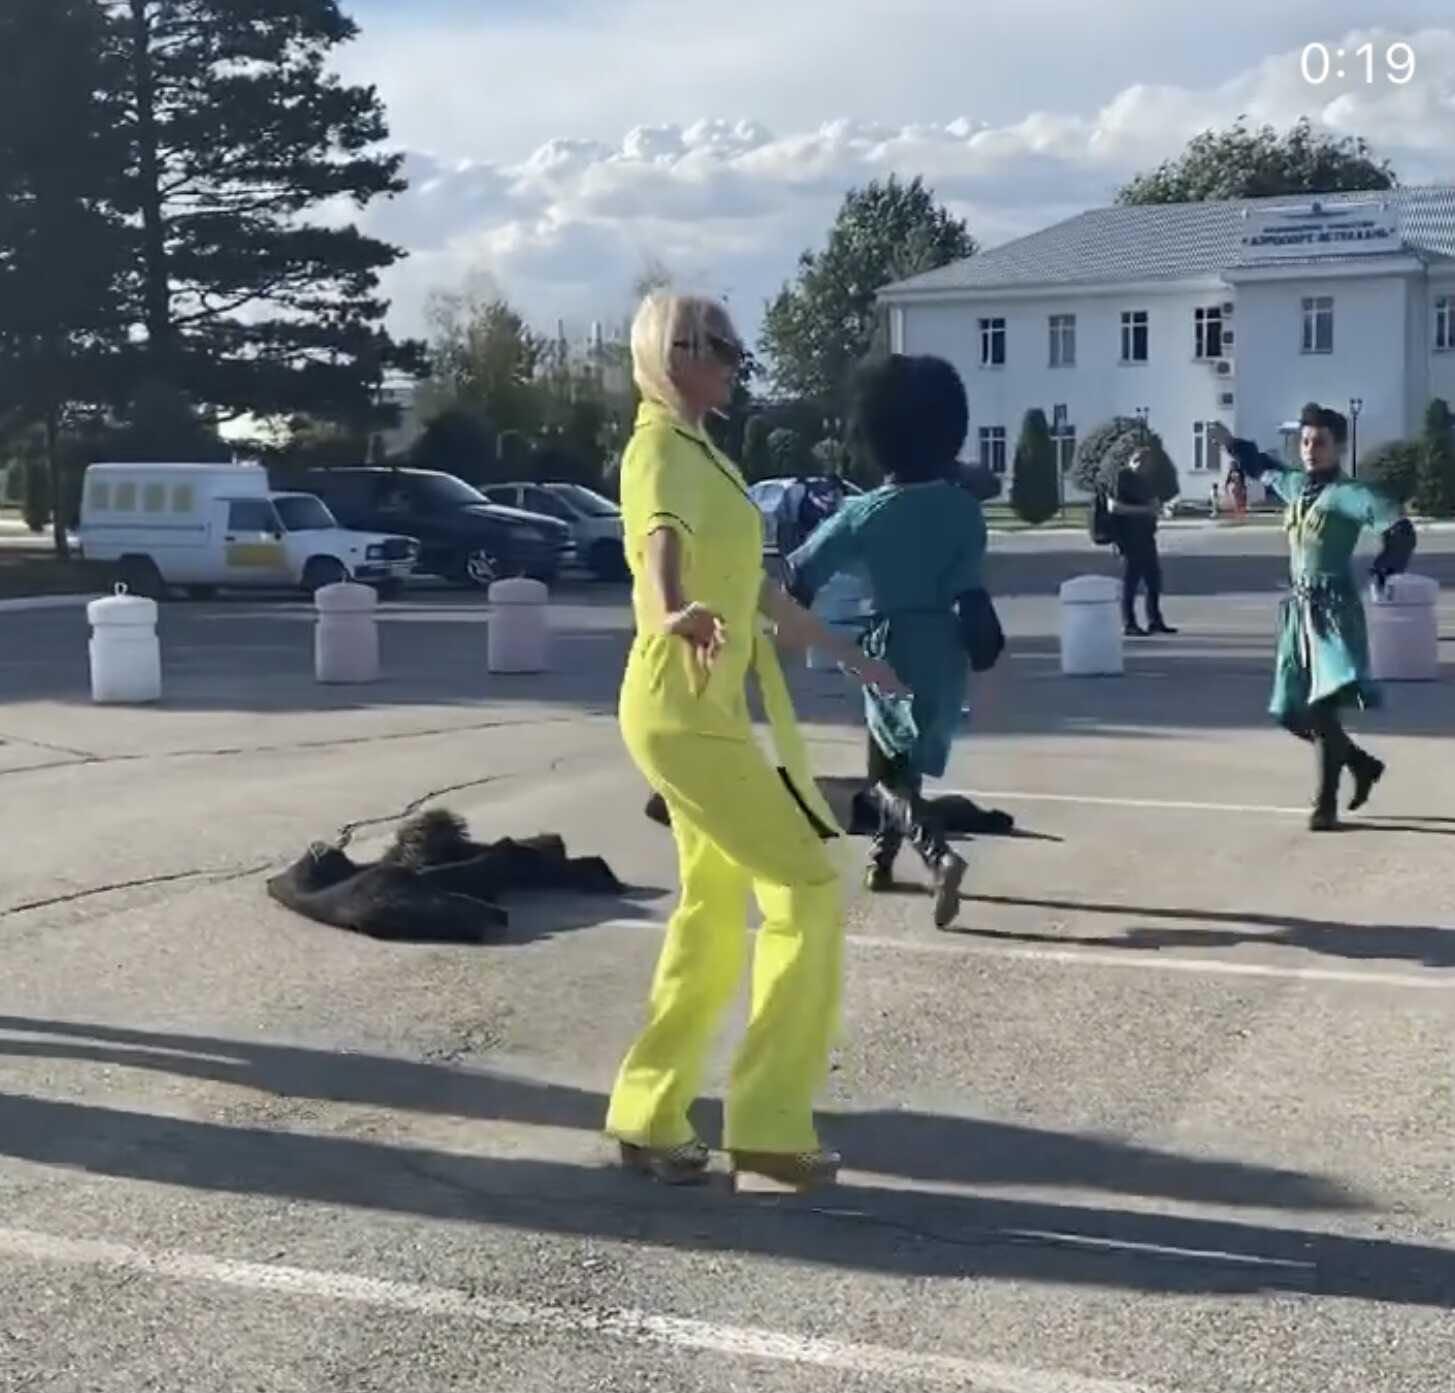 Анастасия Волочкова в рваных башмаках отплясывала лезгинку посреди улицы